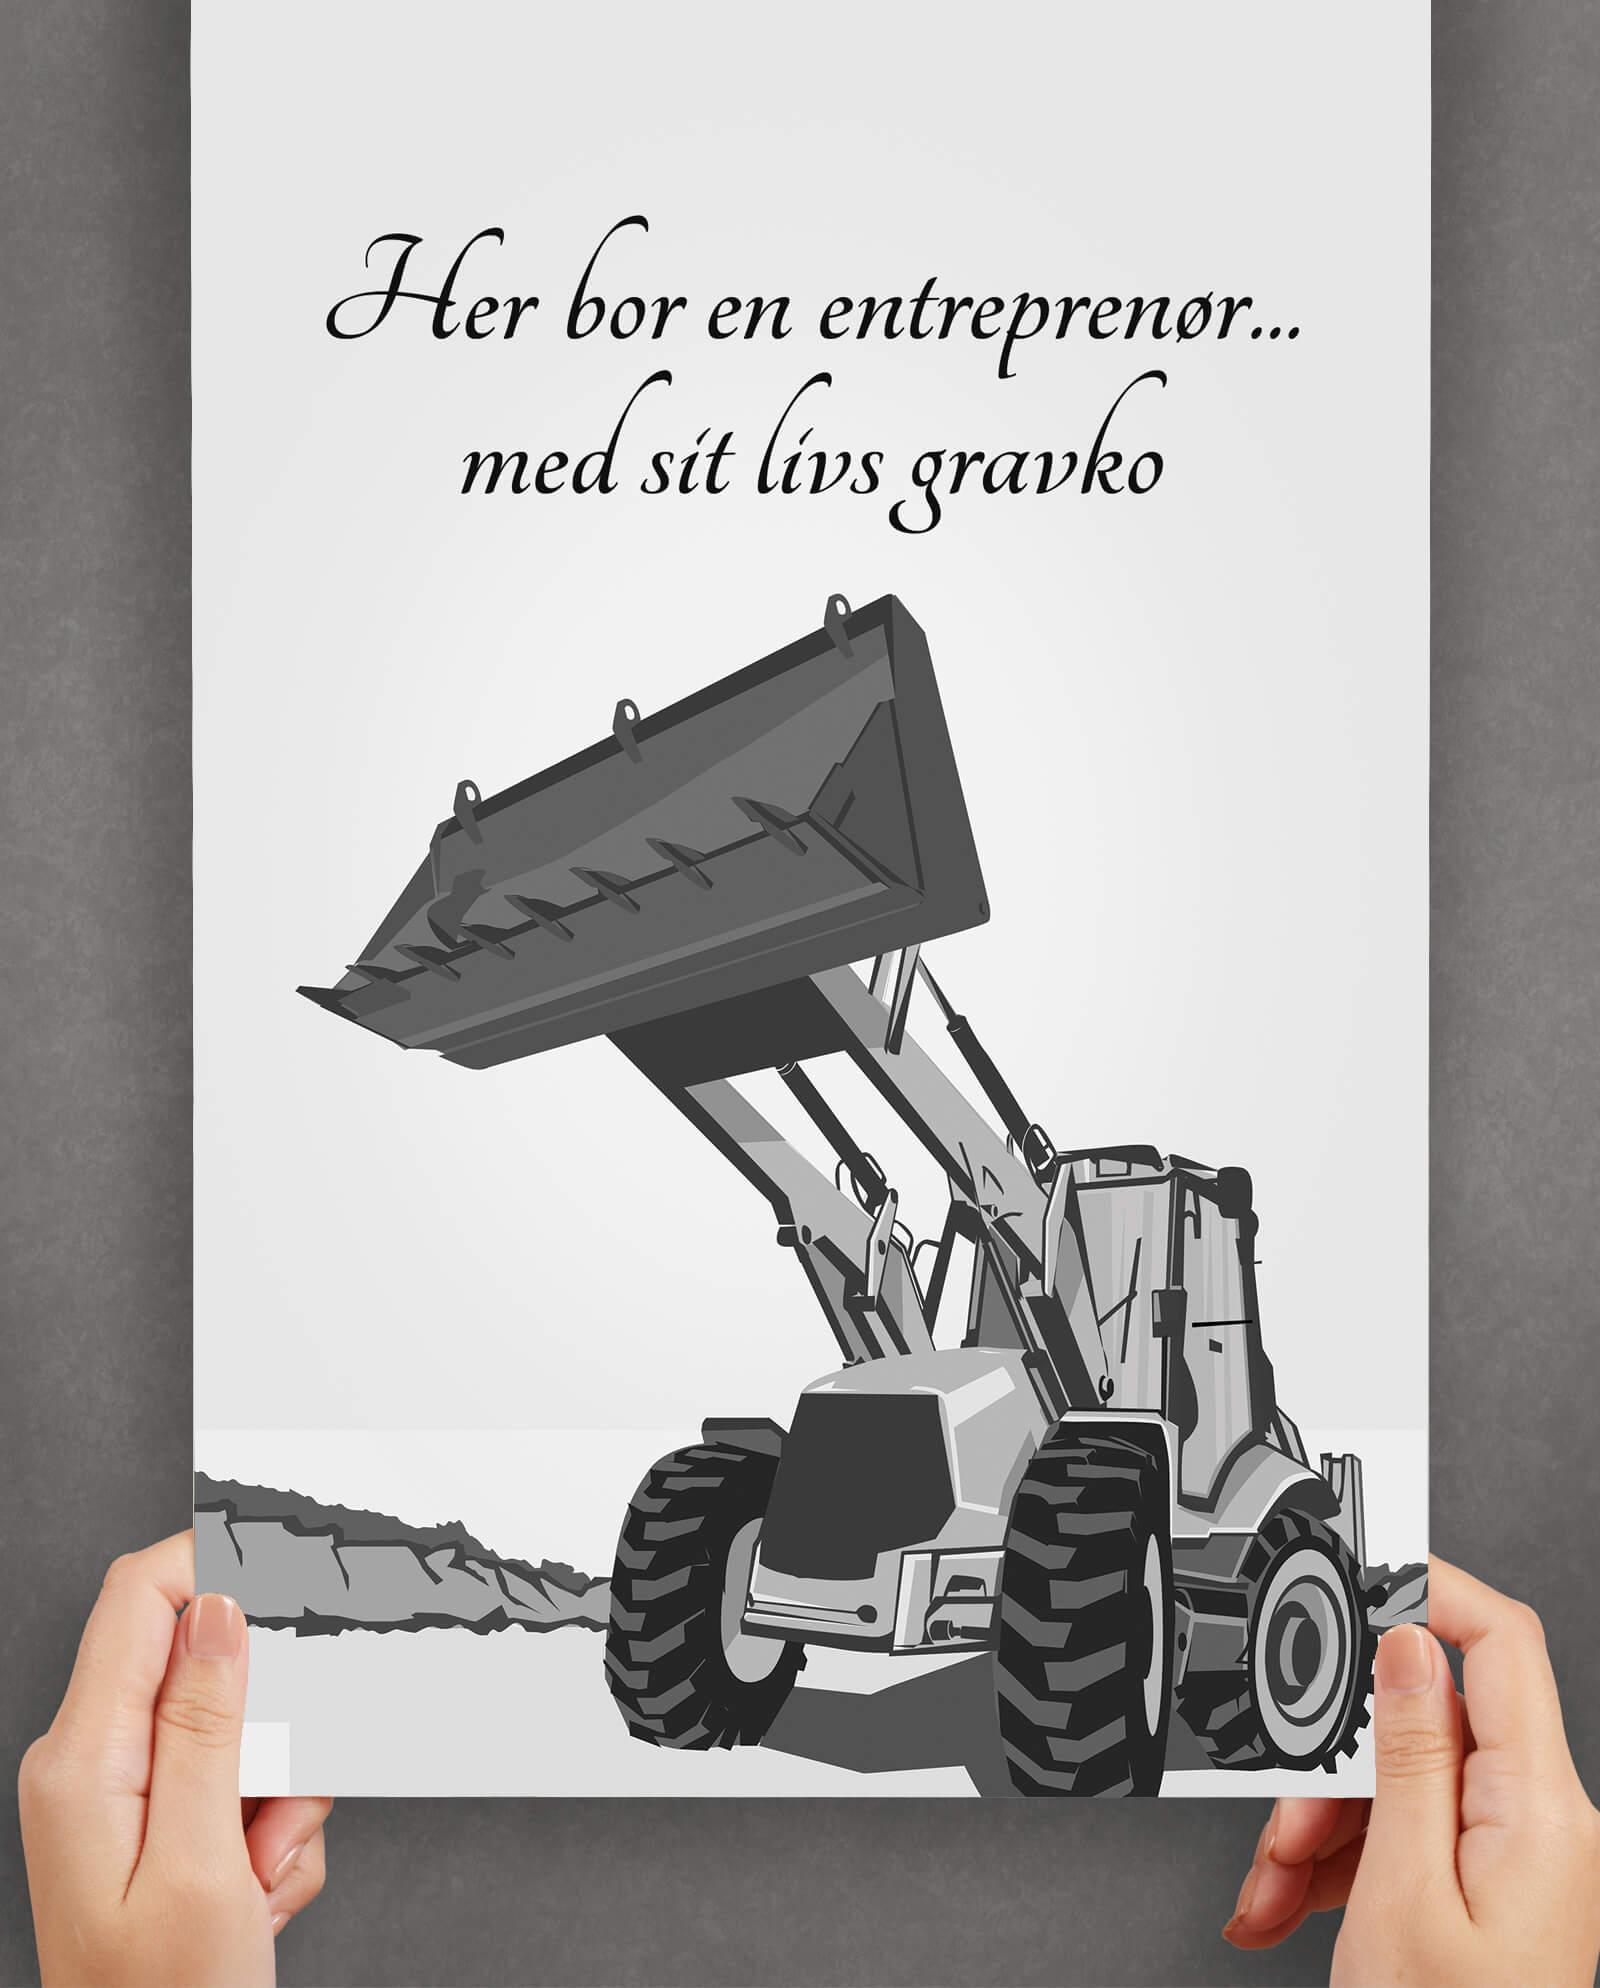 entreprenoer-sorthvid-gravko